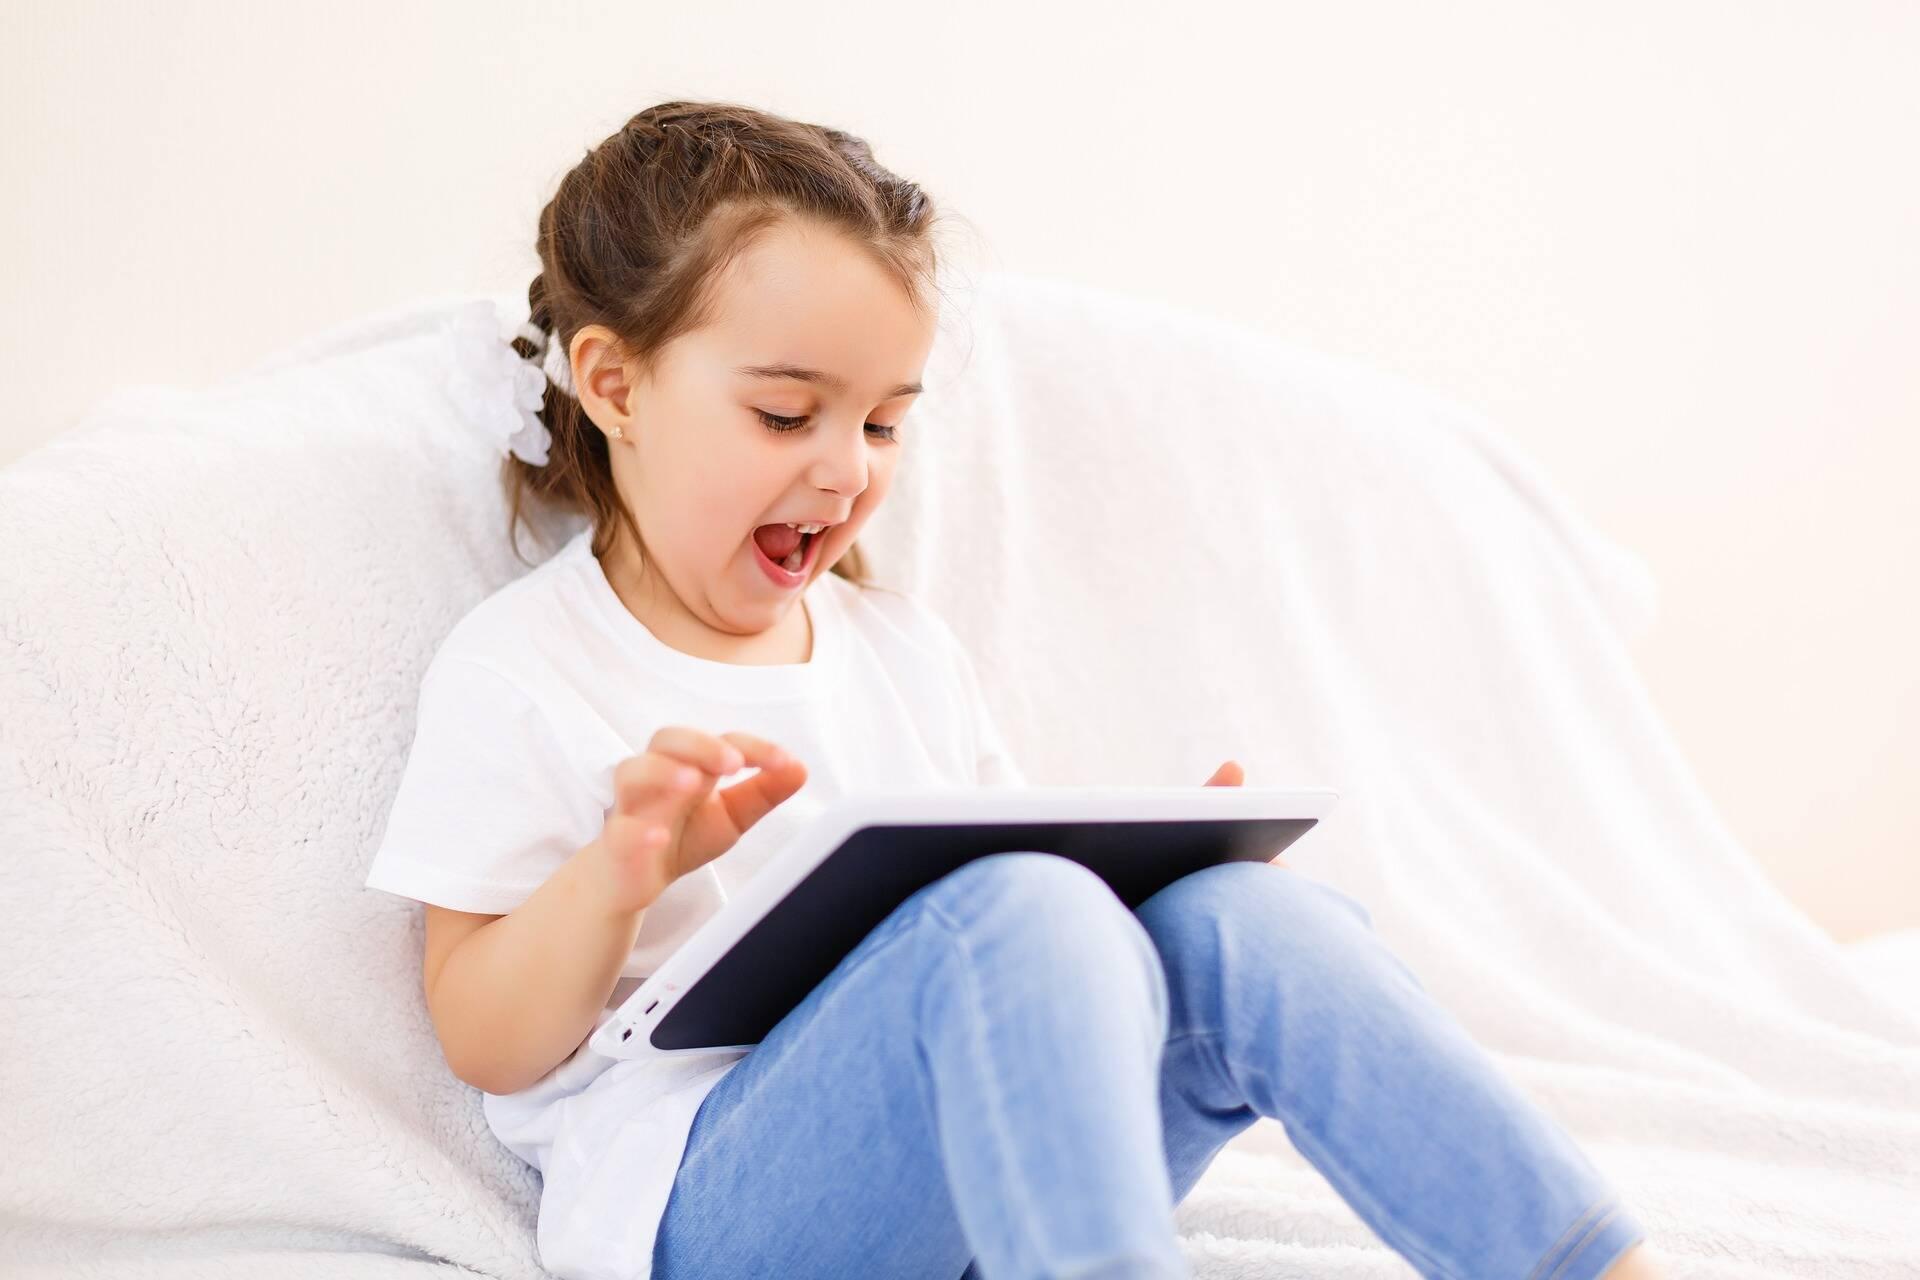 Стоит уделять больше времени ребенку, гулять с ним, играть в развивающие игры